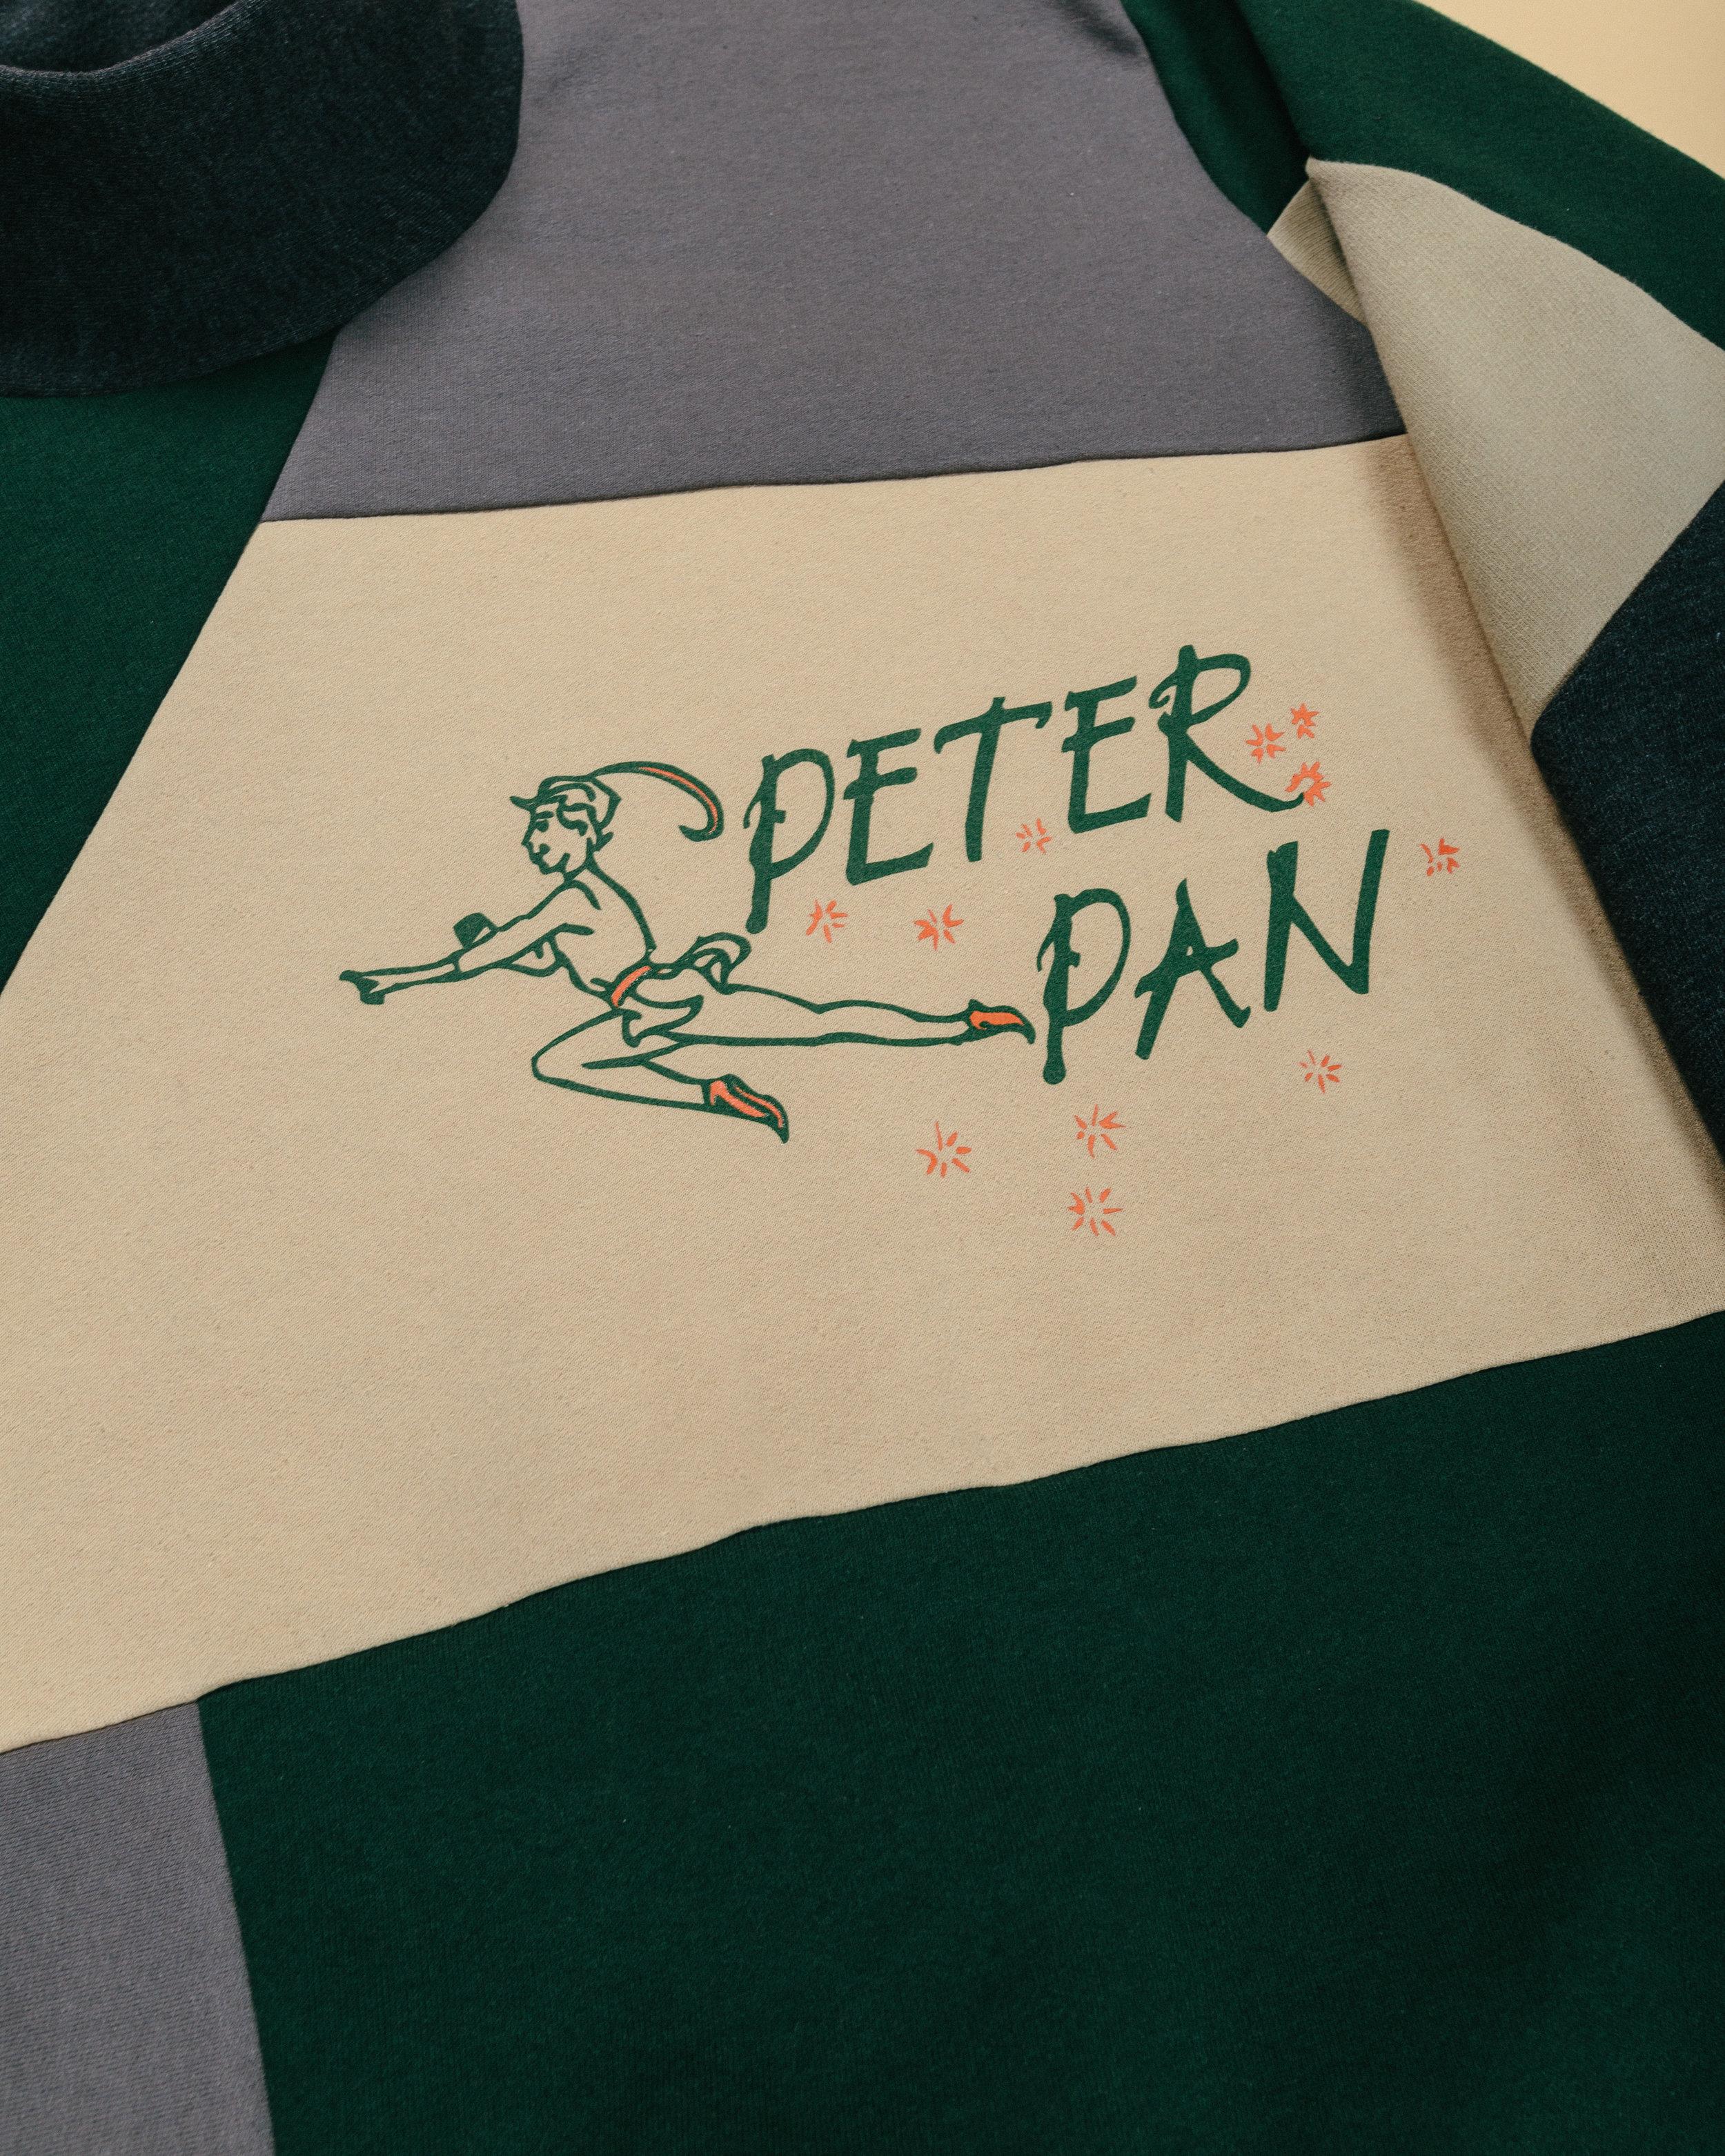 PETERPAN-39.jpg